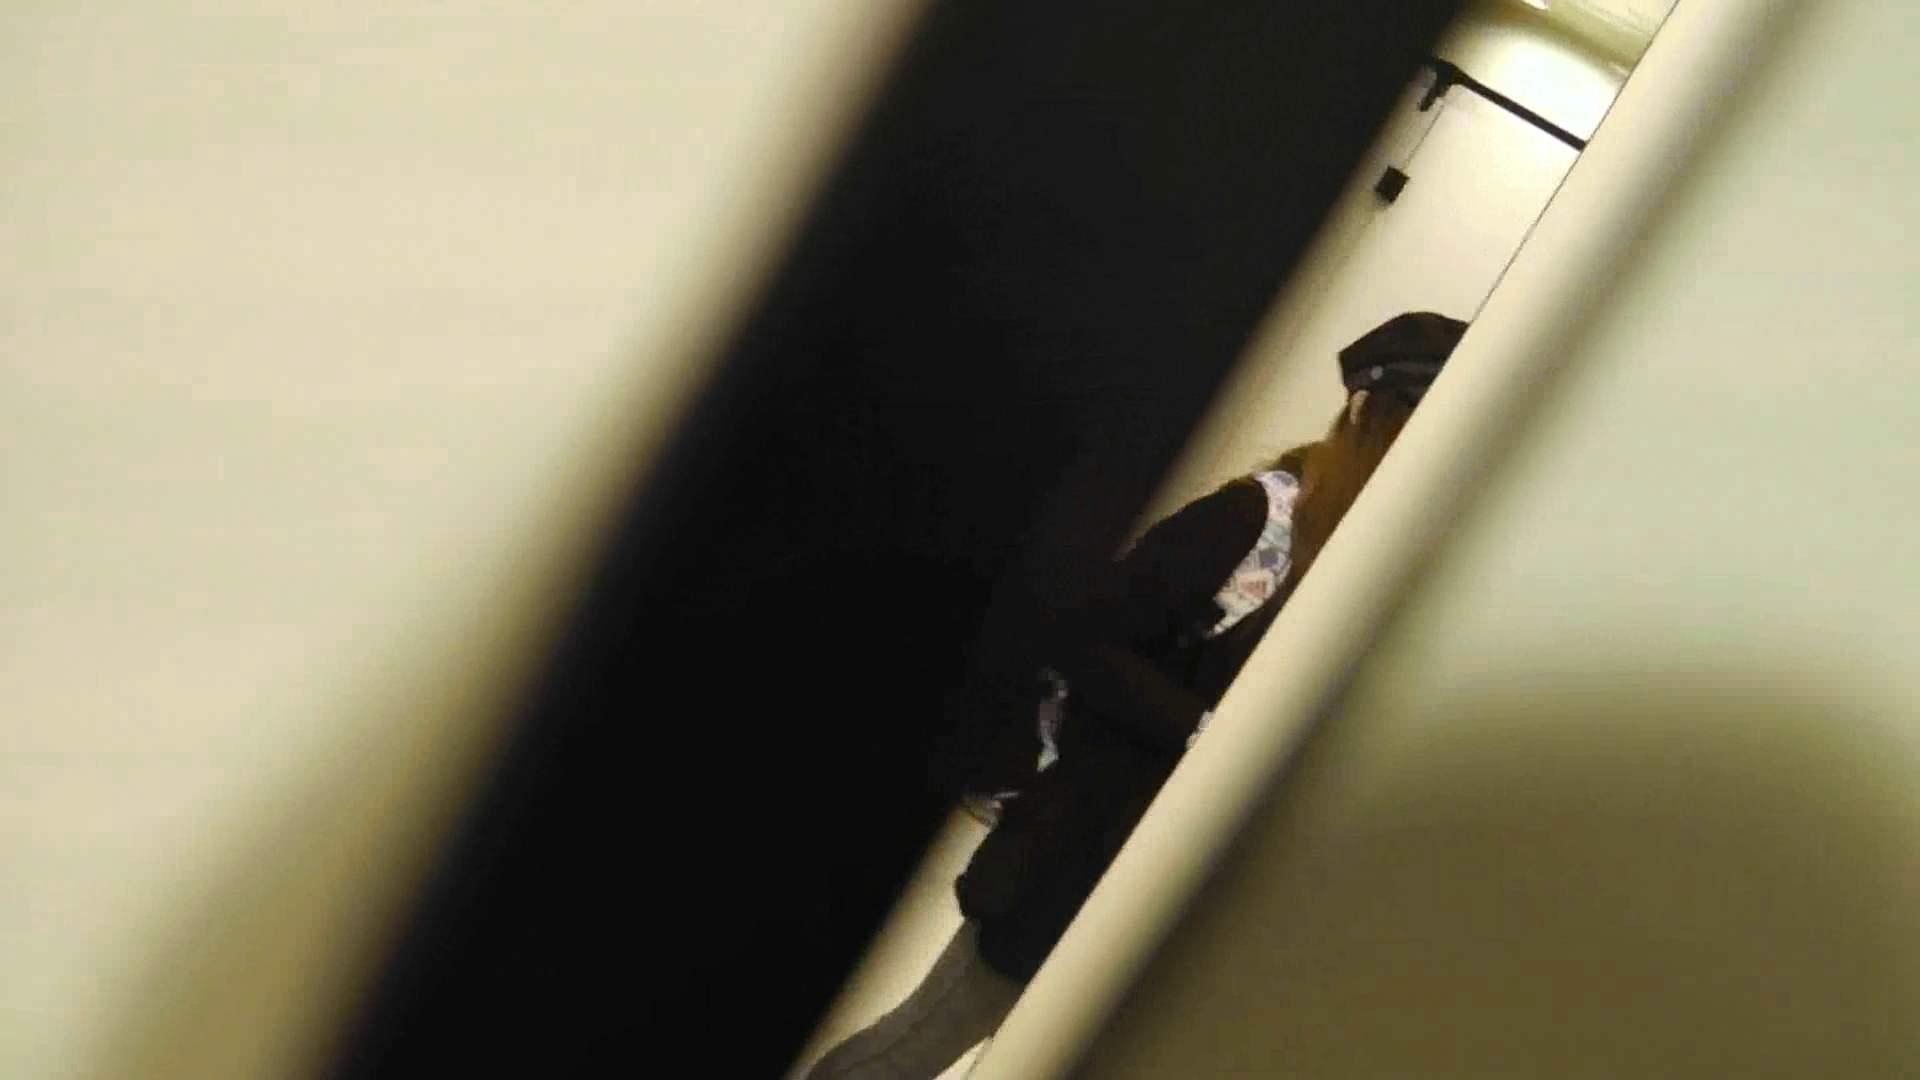 世界の射窓から vol.41 ぼうしタンのアソコ OL女体  69連発 42